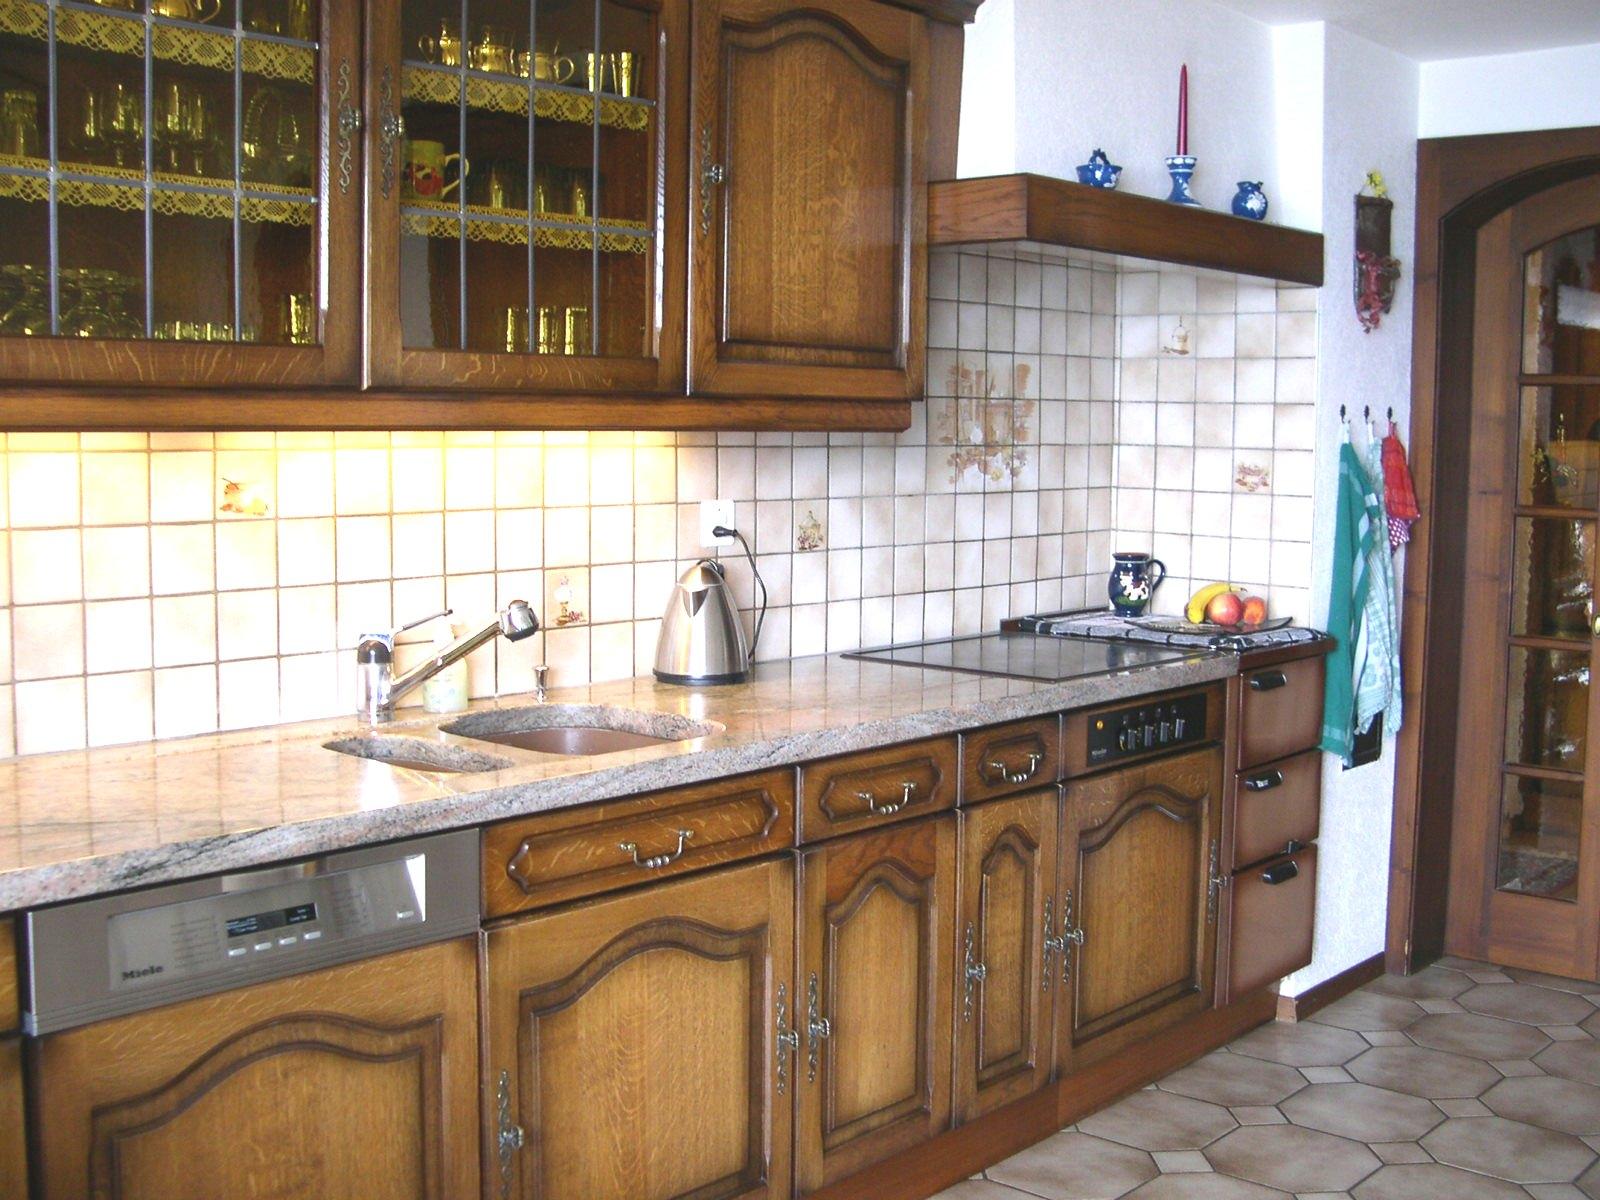 Detached House For Sale in Pont-en-Ogoz - 8 Photos